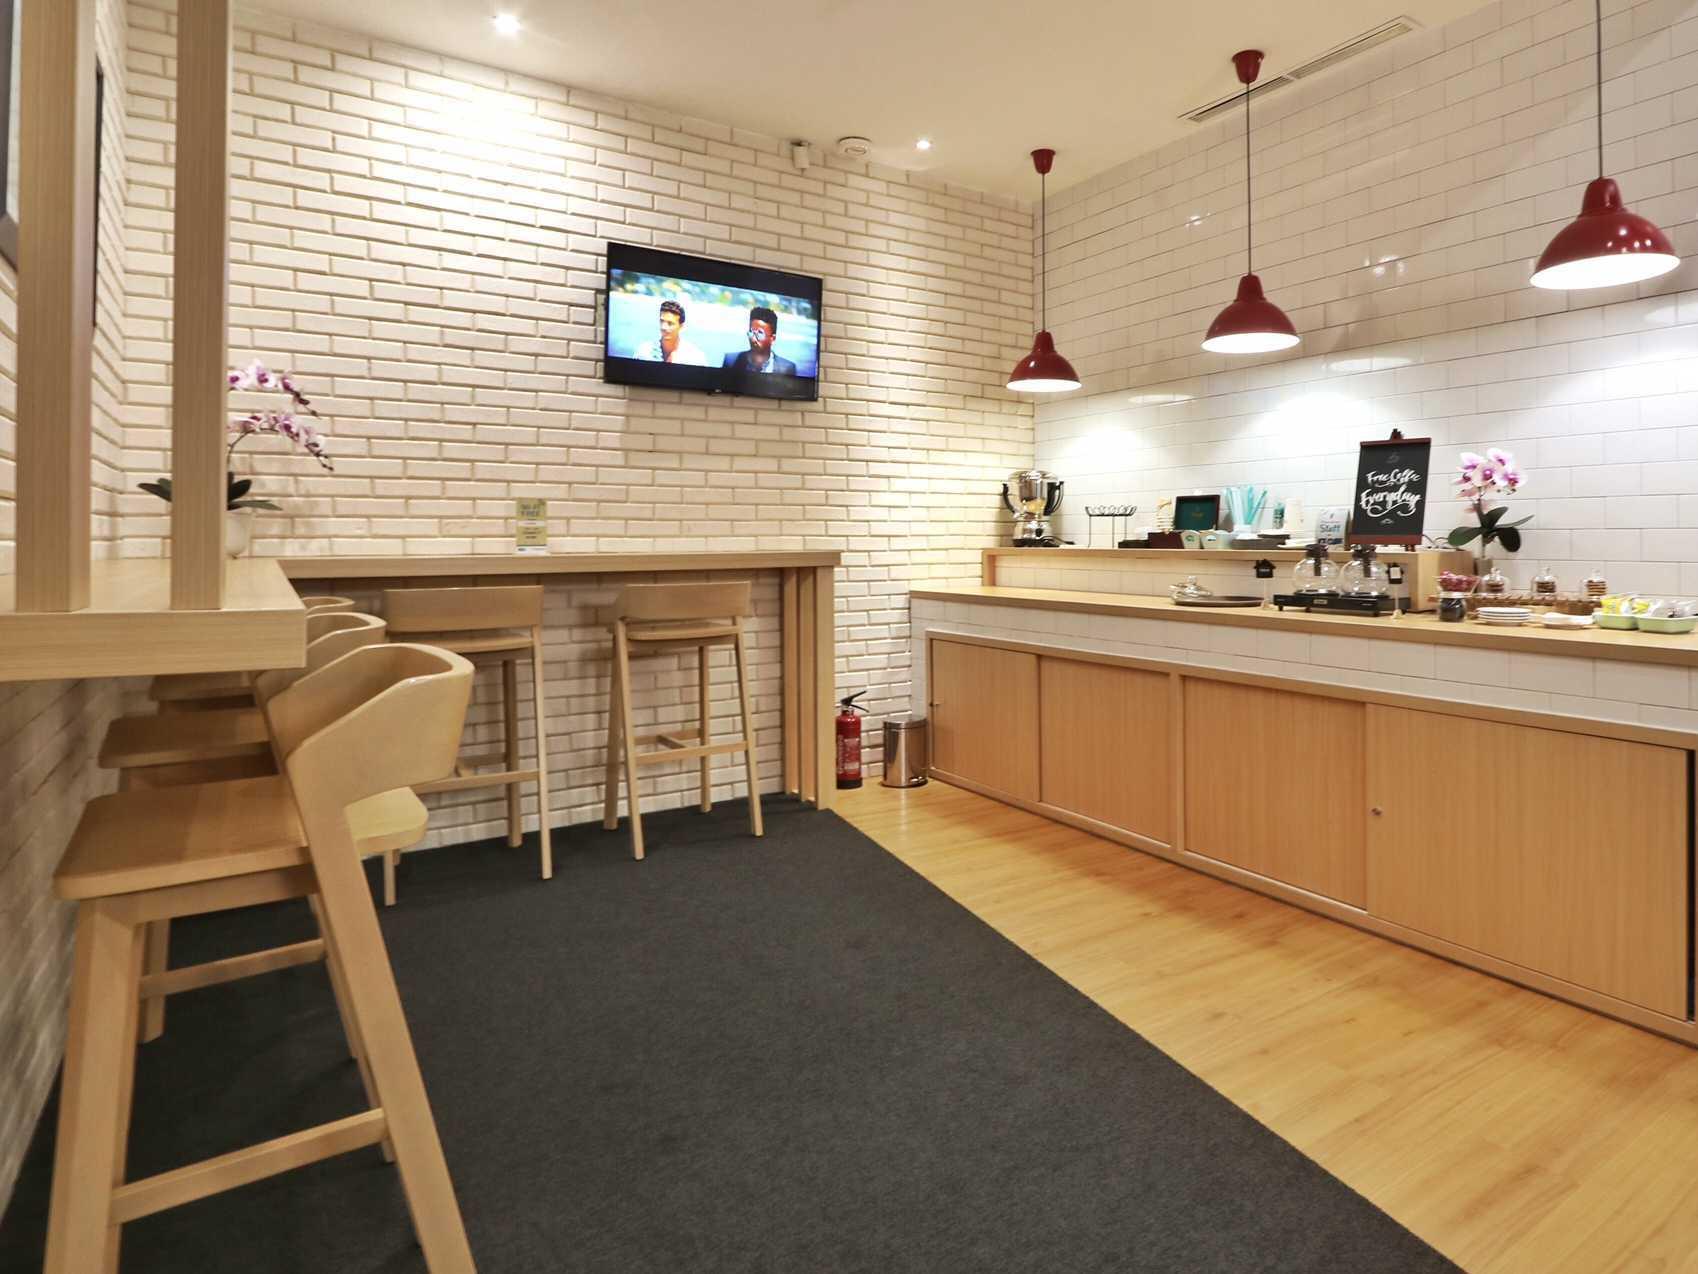 Kotak Design Hana Bank Interior  Jakarta, Daerah Khusus Ibukota Jakarta, Indonesia  Breakout Area Modern  46213